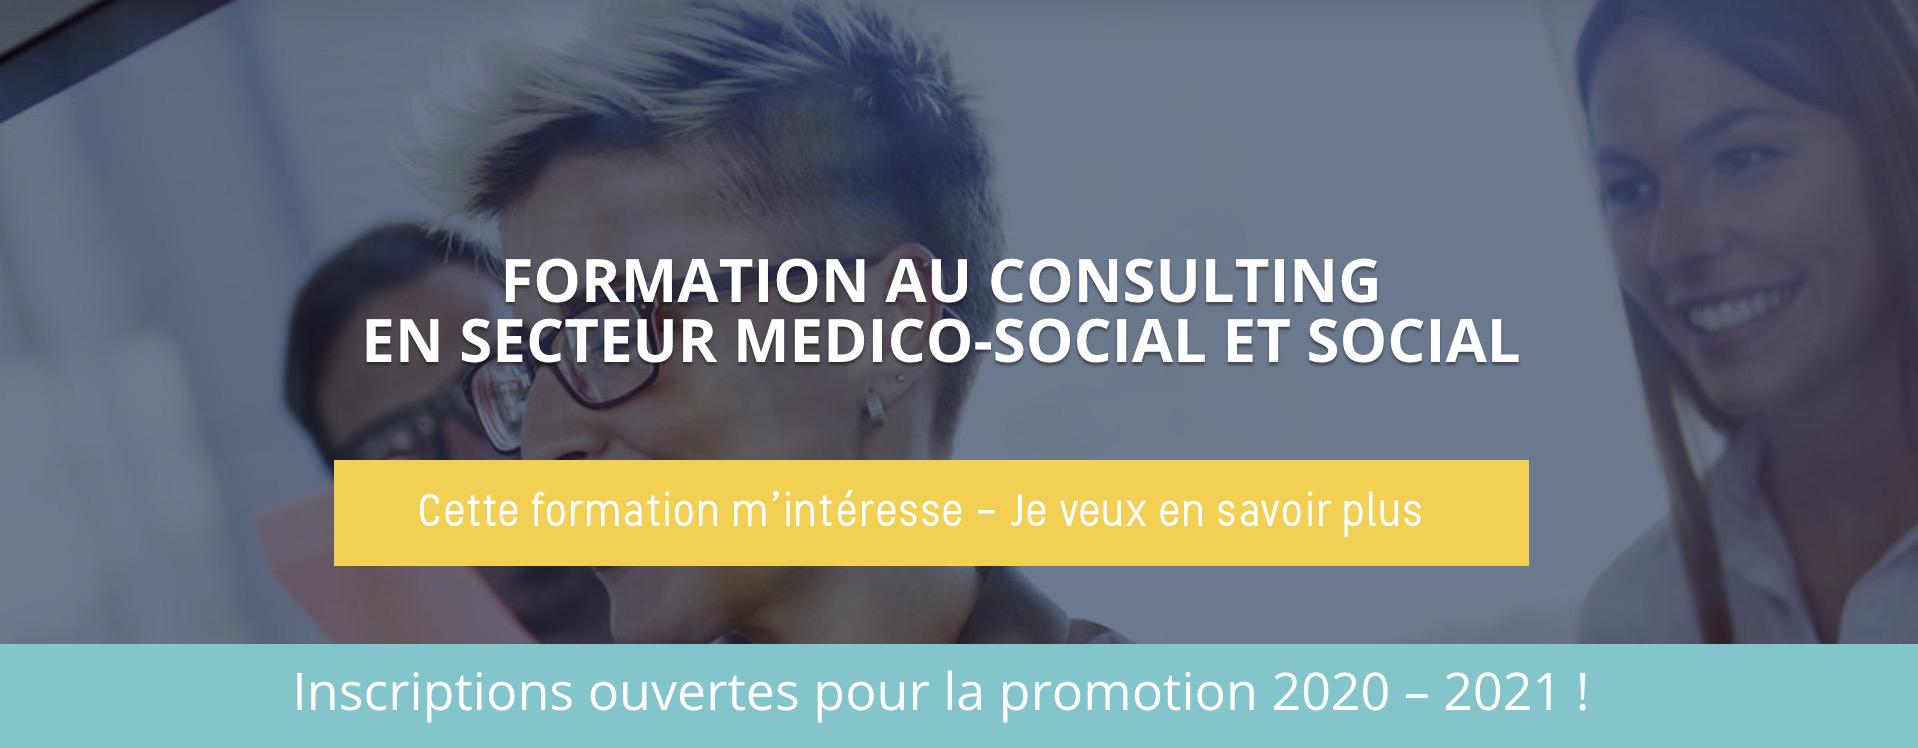 Formation social et medico-social par Enkairos